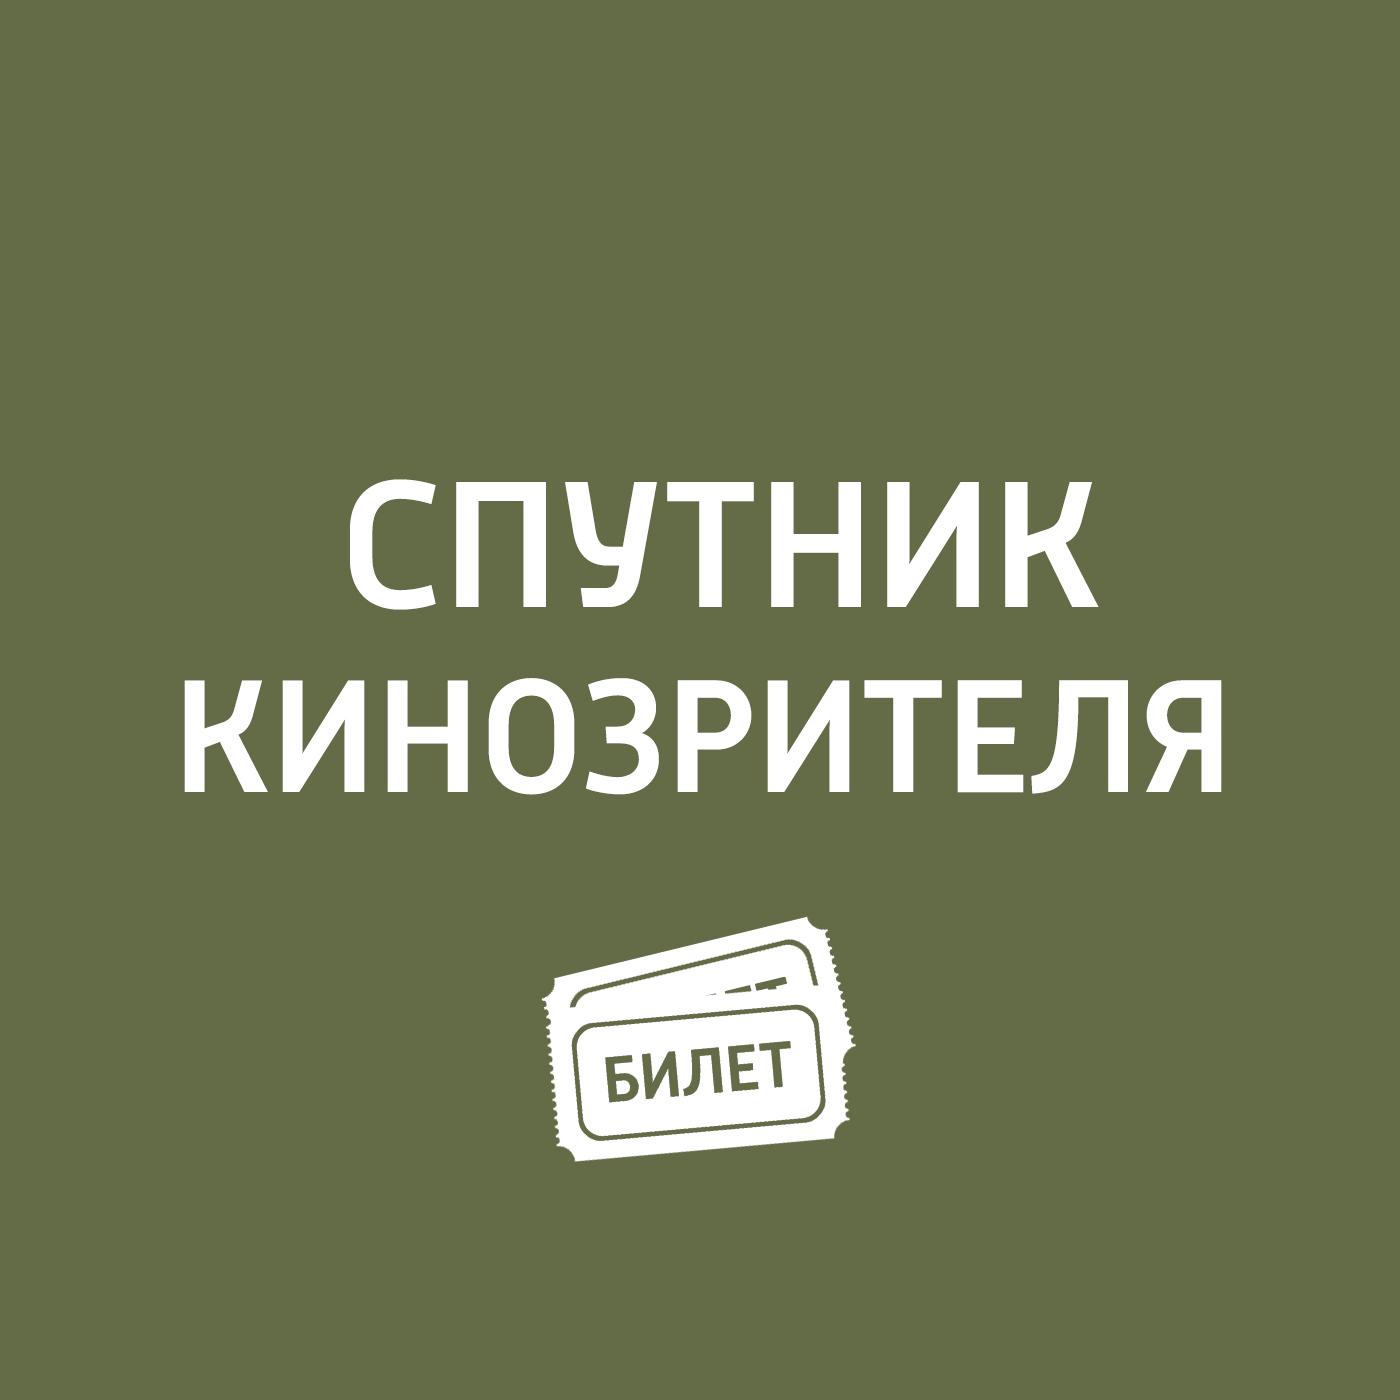 Антон Долин Лучший фильм про Иисуса Христа